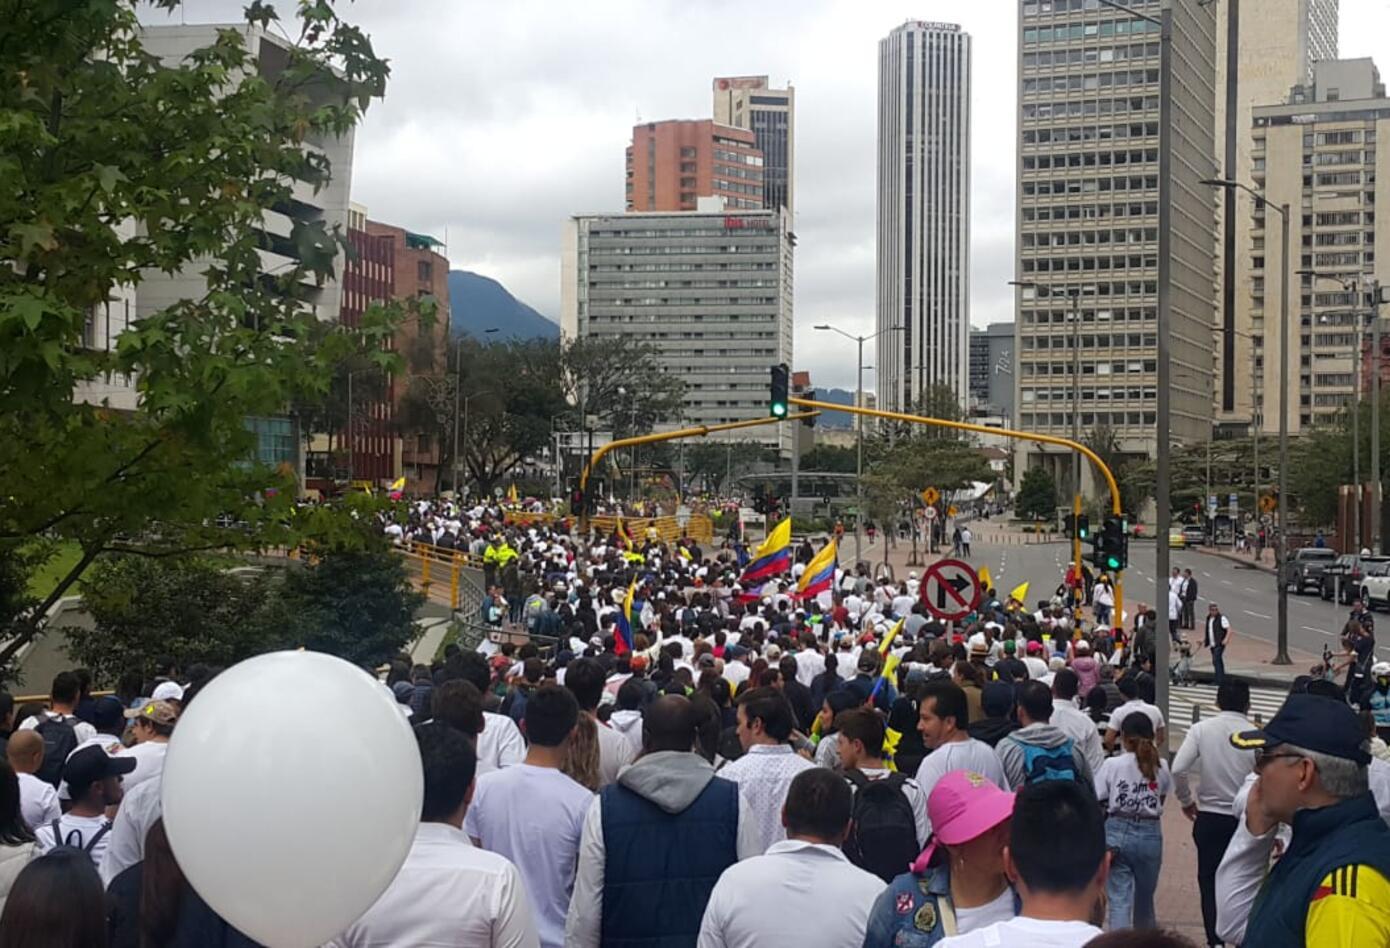 La bandera de Colombia acompañó a los marchantes que se pronunciaron contra el terrorismo.